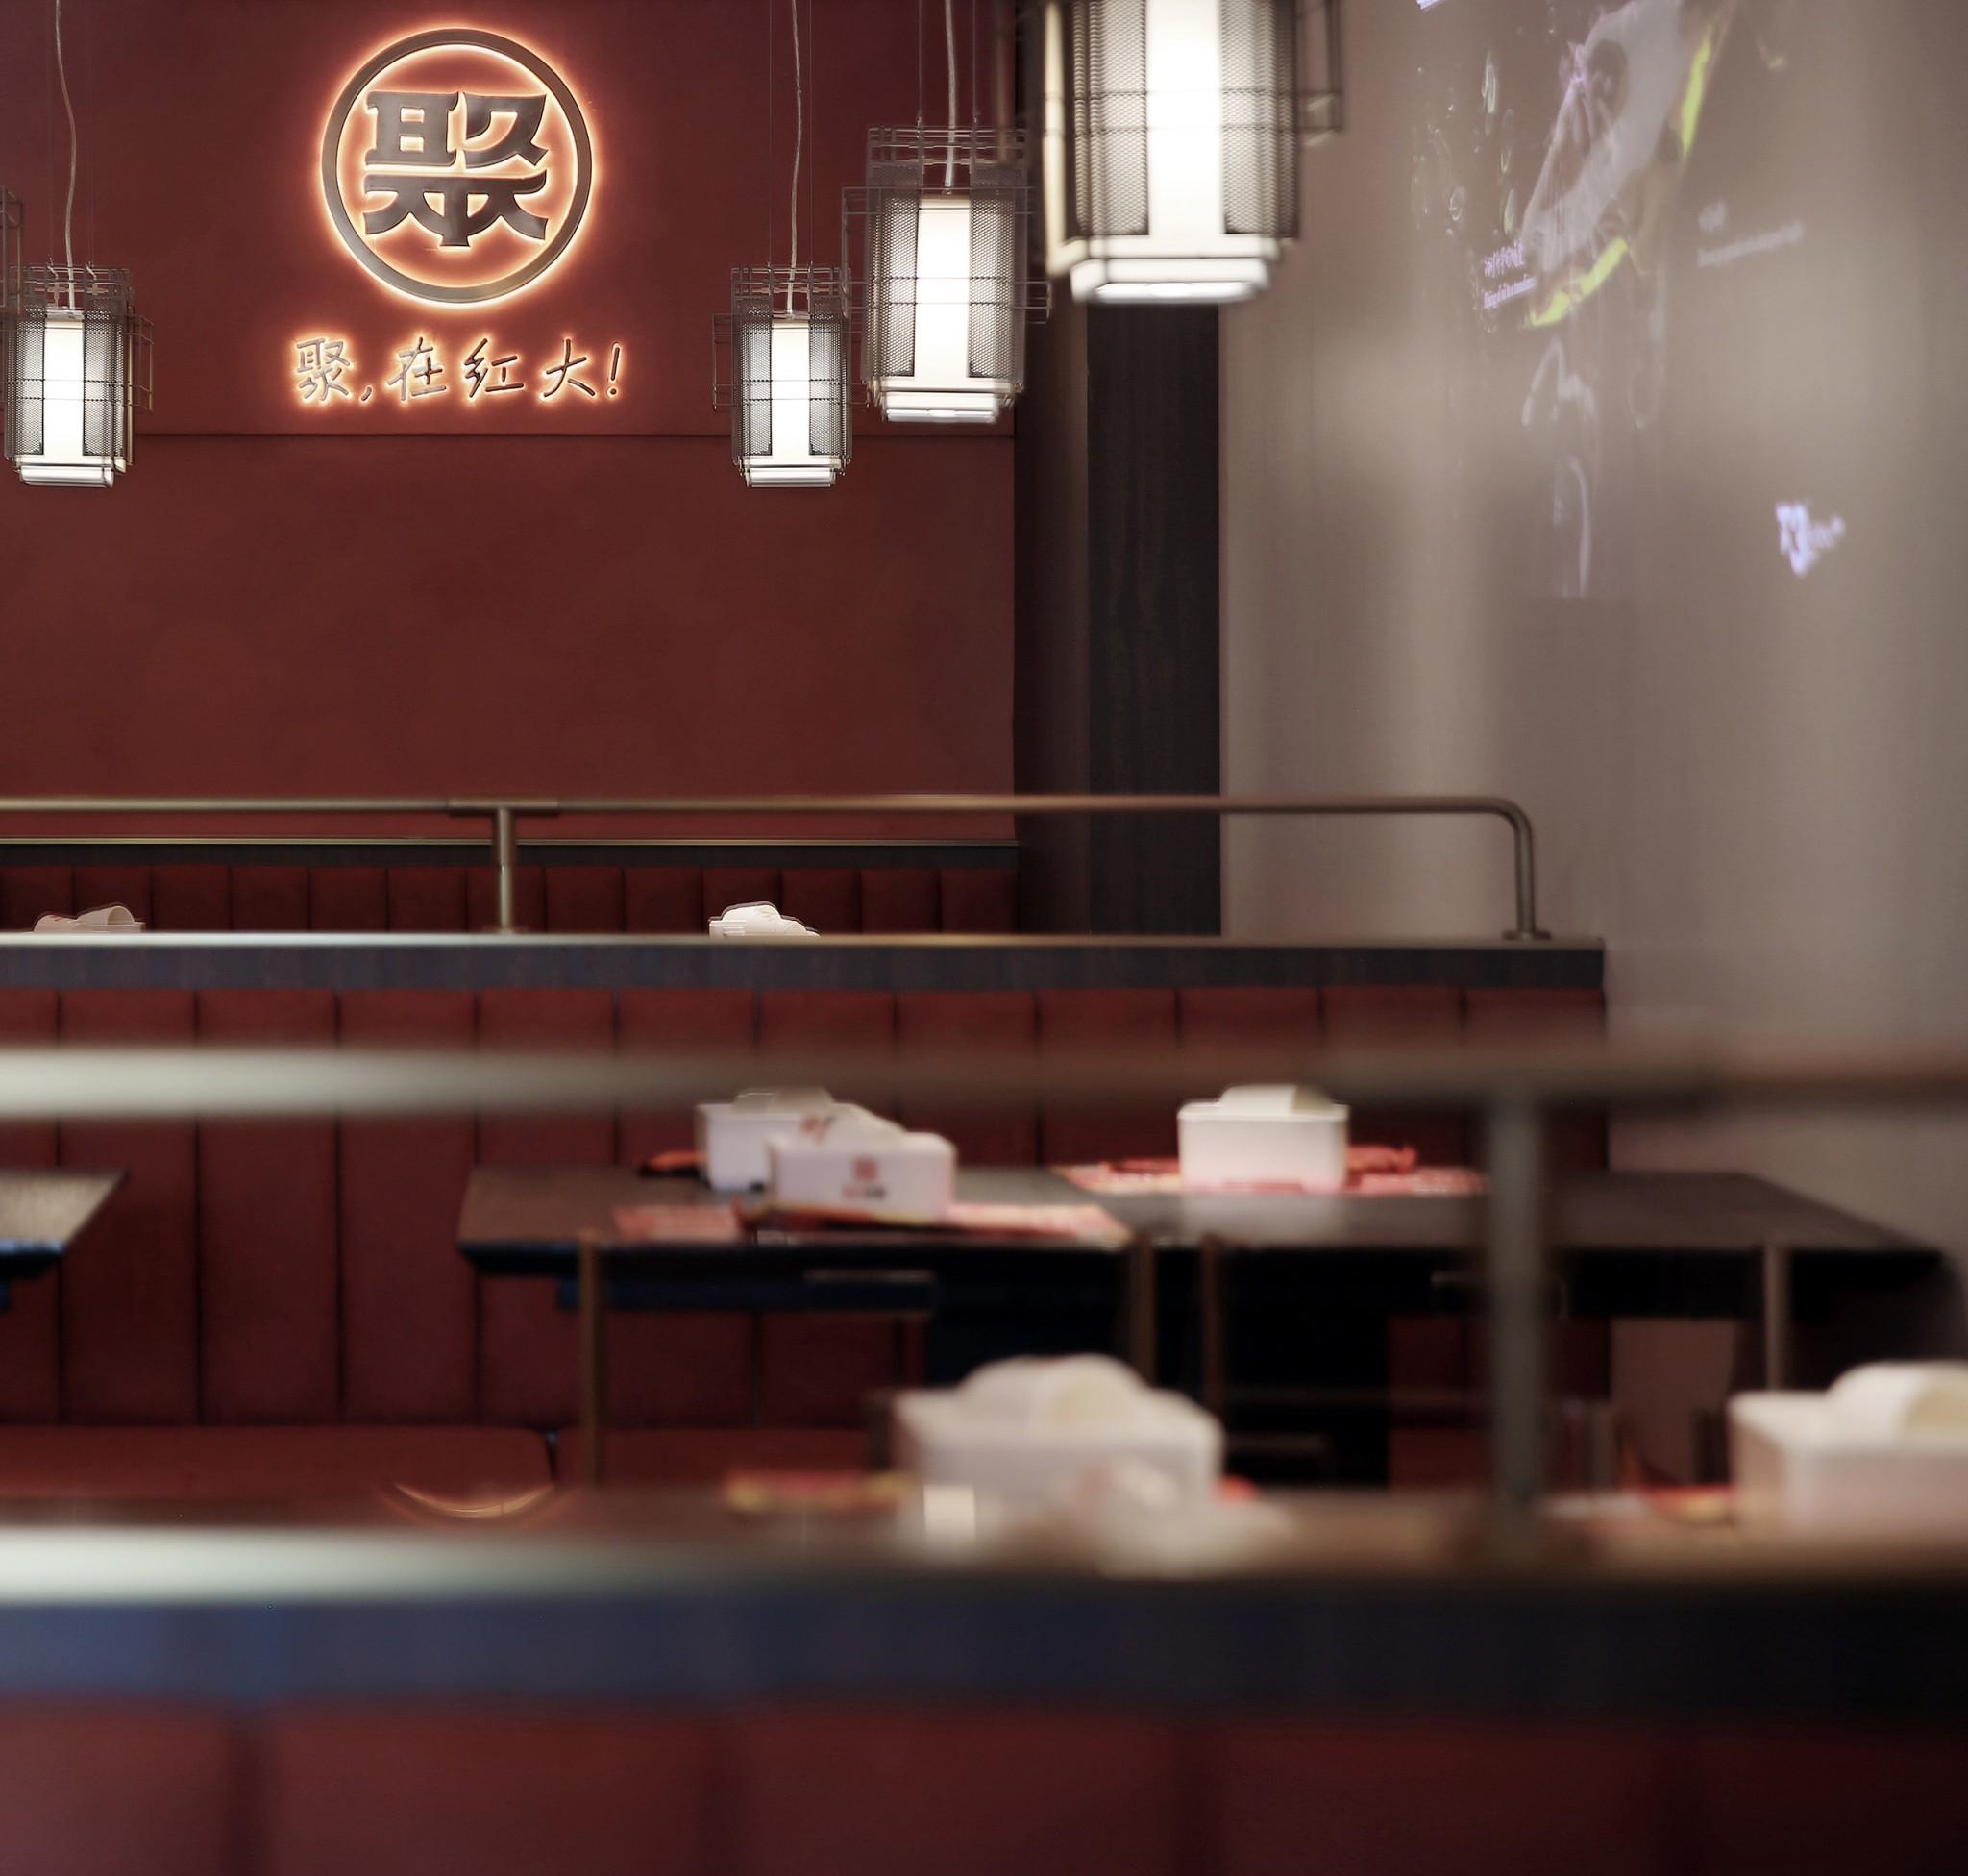 餐饮品牌商业空间设计-红大龙虾b90686d8a96a2b01c72db29d02f2db7e